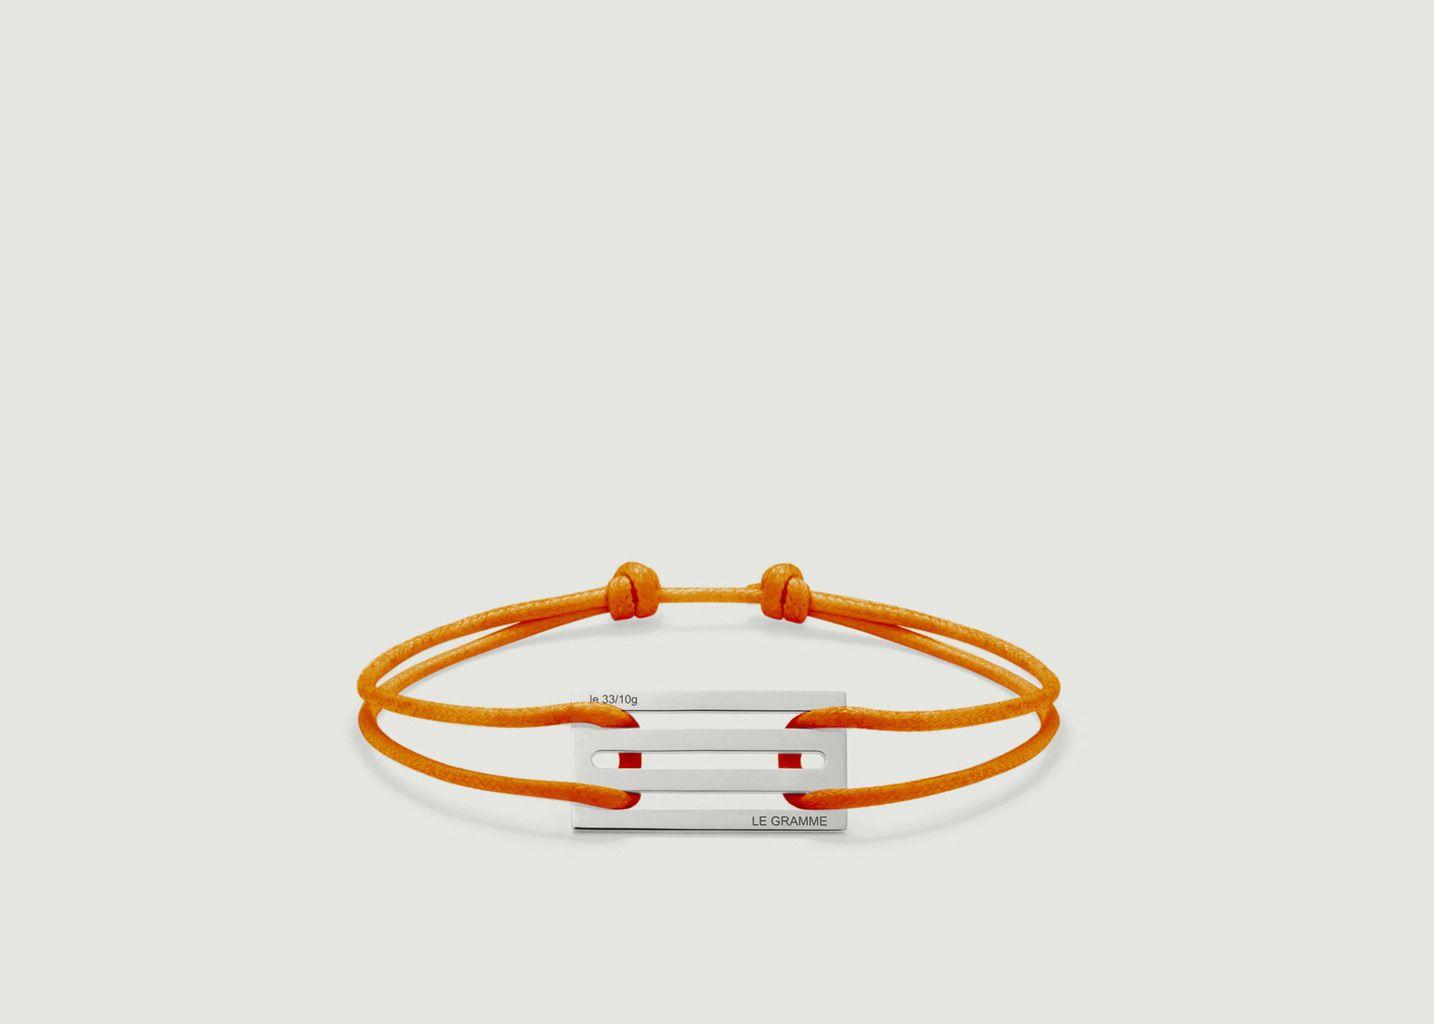 Bracelet Cordon Le 33/10g - Le Gramme